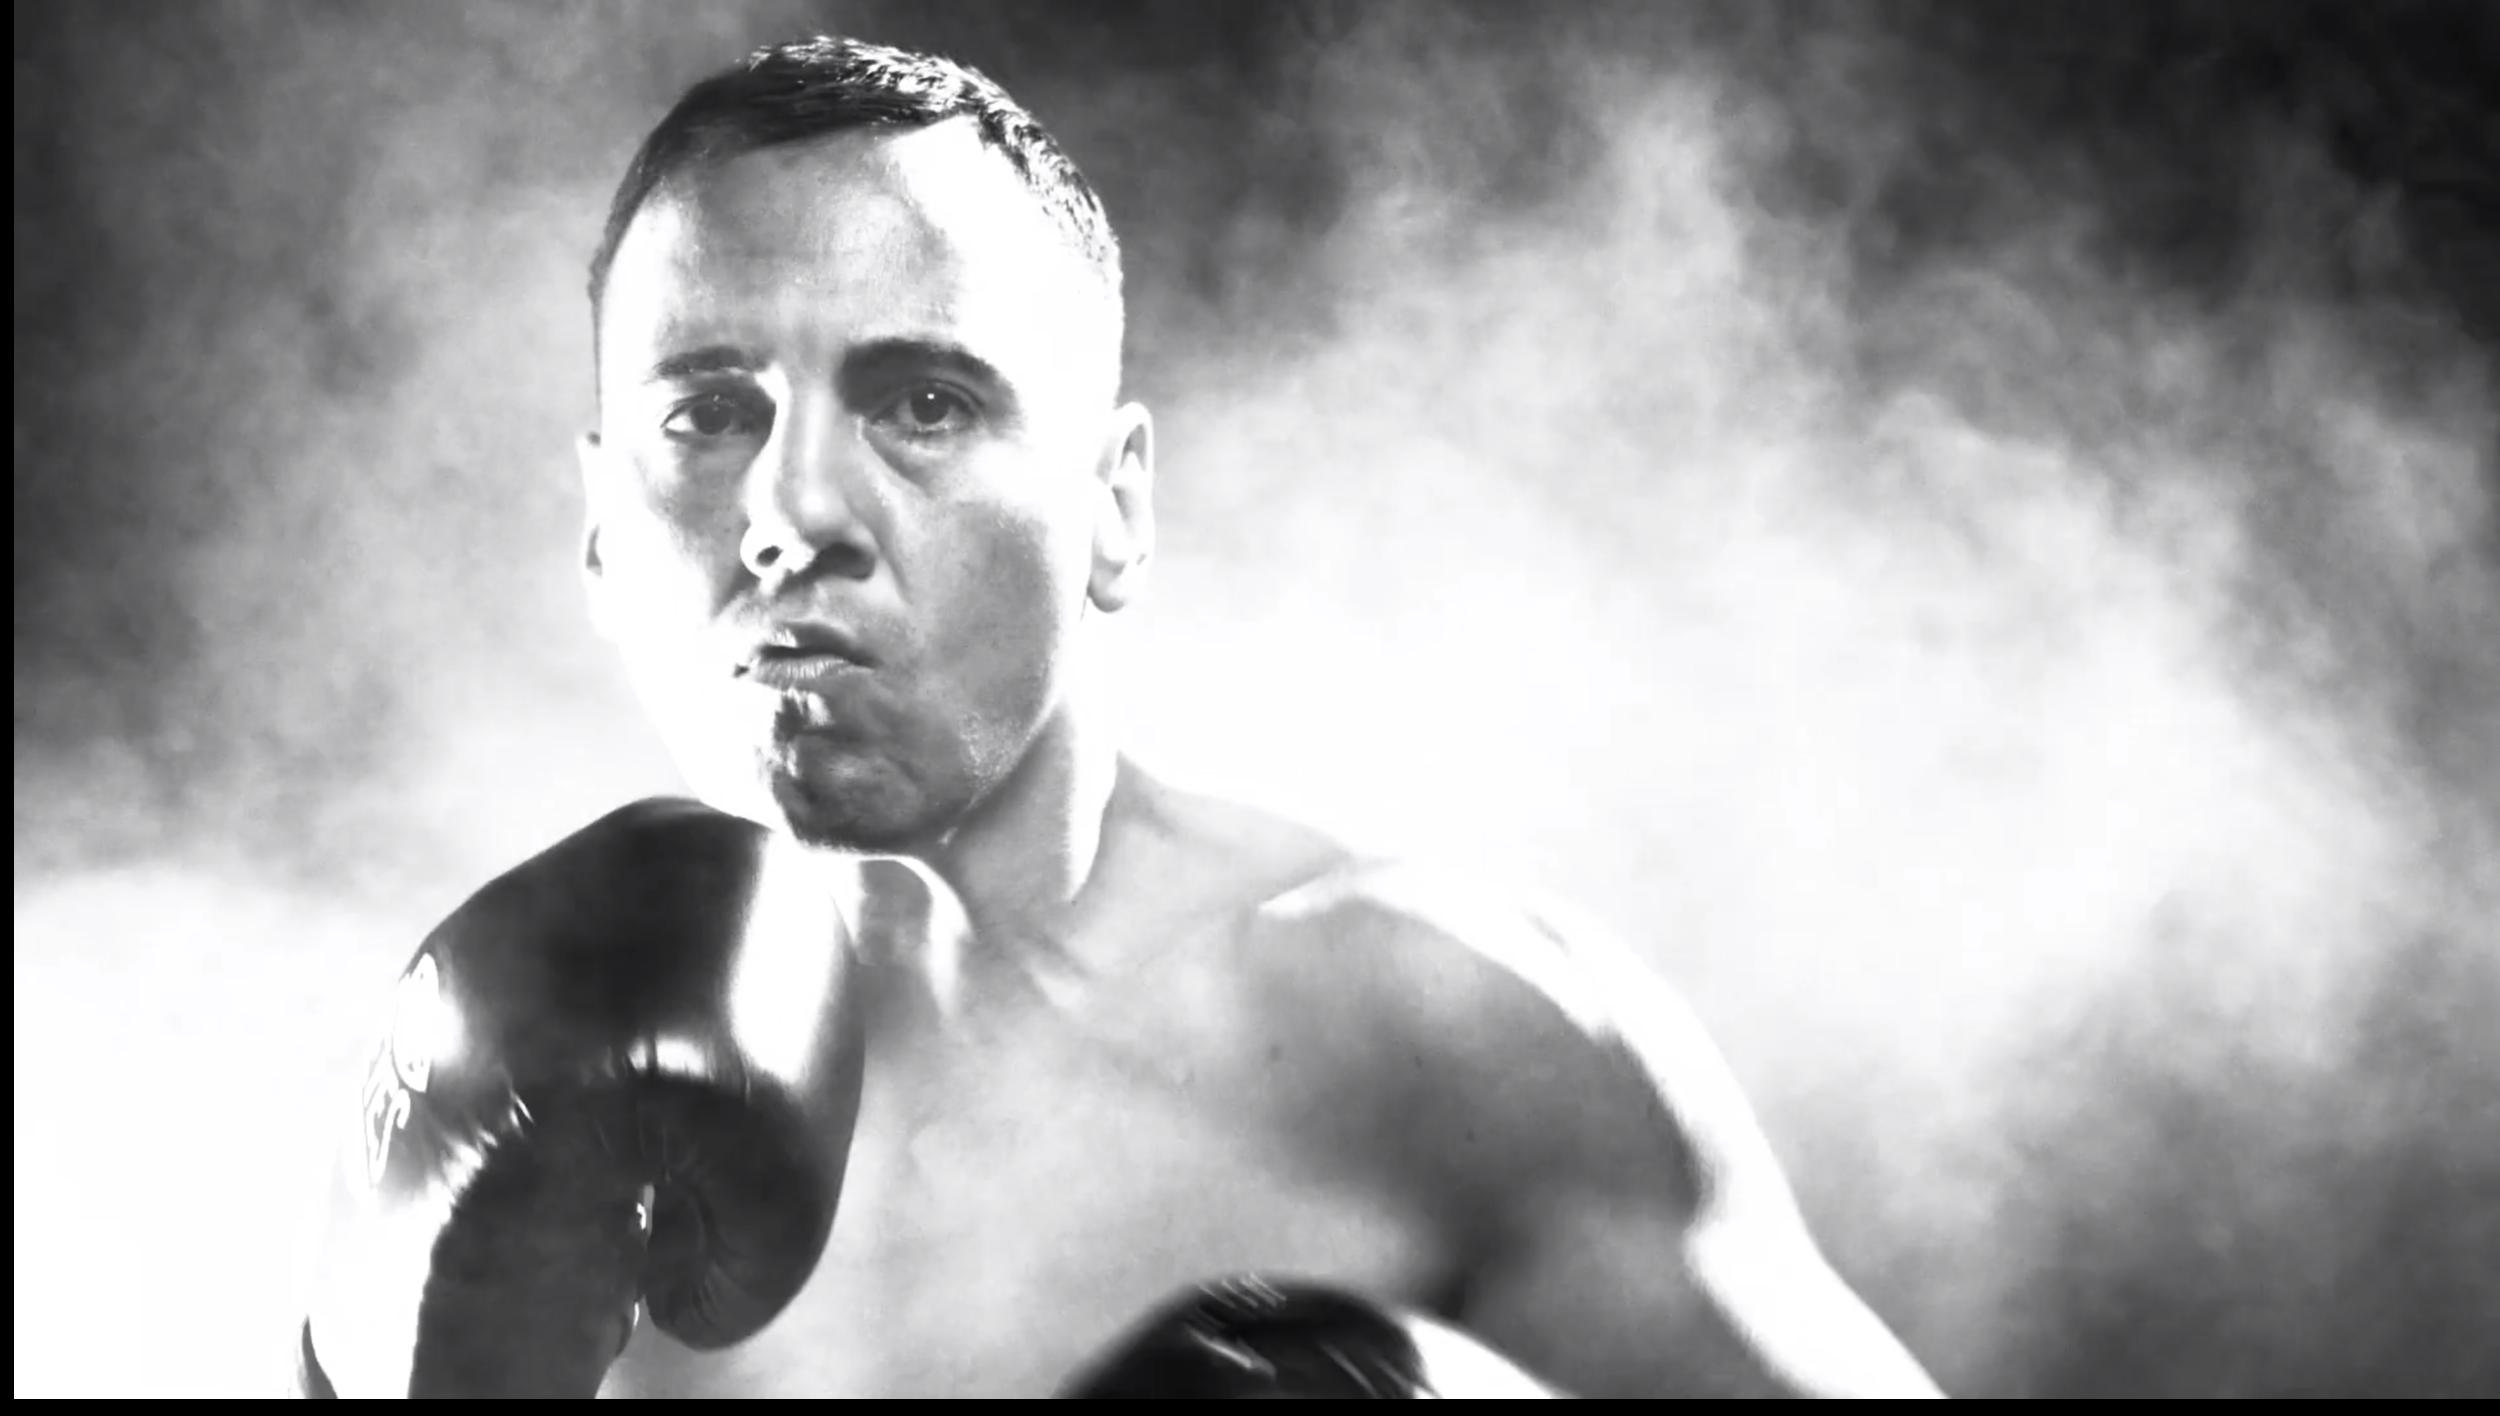 """Ricky Colosimo - オンラインコンテンツ制作物:スチール / 映像""""Ricky Colosimo=リッキー・コロシモ""""は、強い心とスピードを兼ね備えたボクサーの中のボクサーの記録。強い気持ちでトレーニングを重ね、明日などないかのような闘いぶりを見せる姿が印象的だ。"""